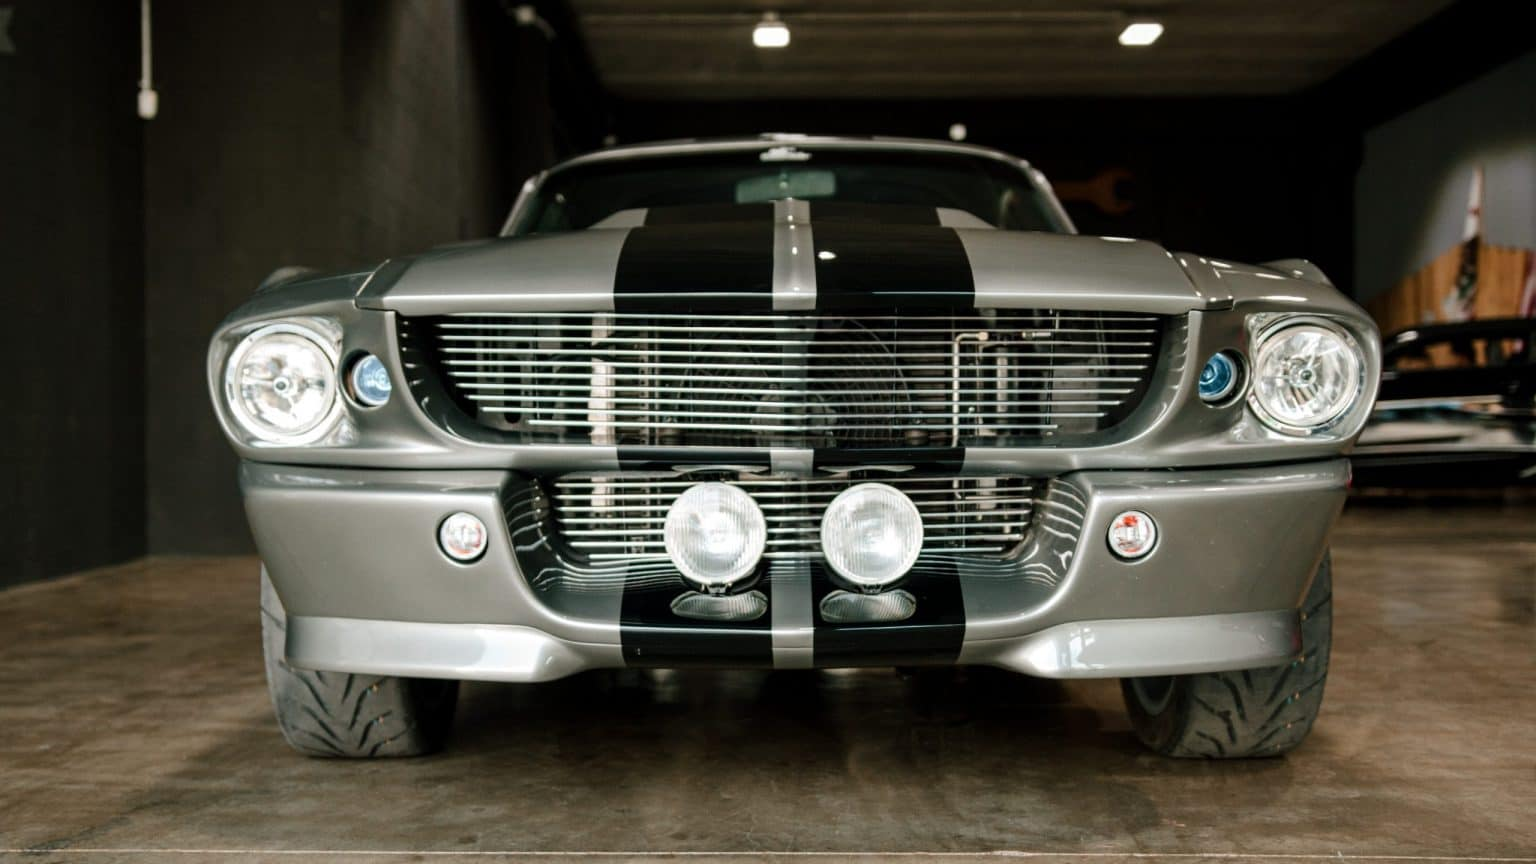 1967 Mustang Eleanor 0-60